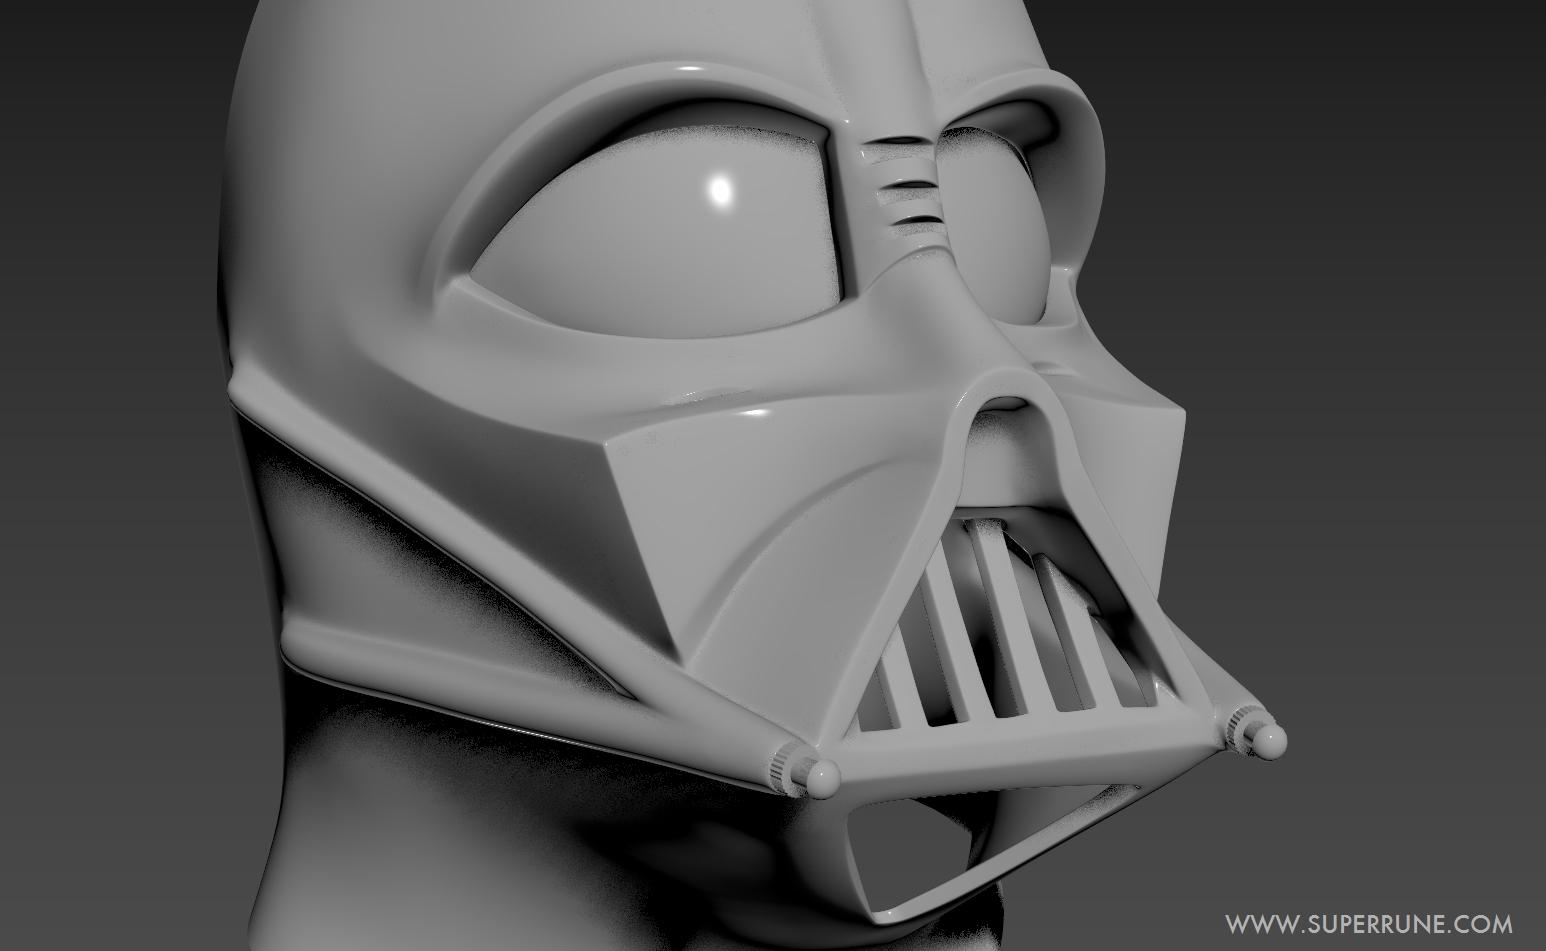 Vader_WIP_04_superrune.jpg